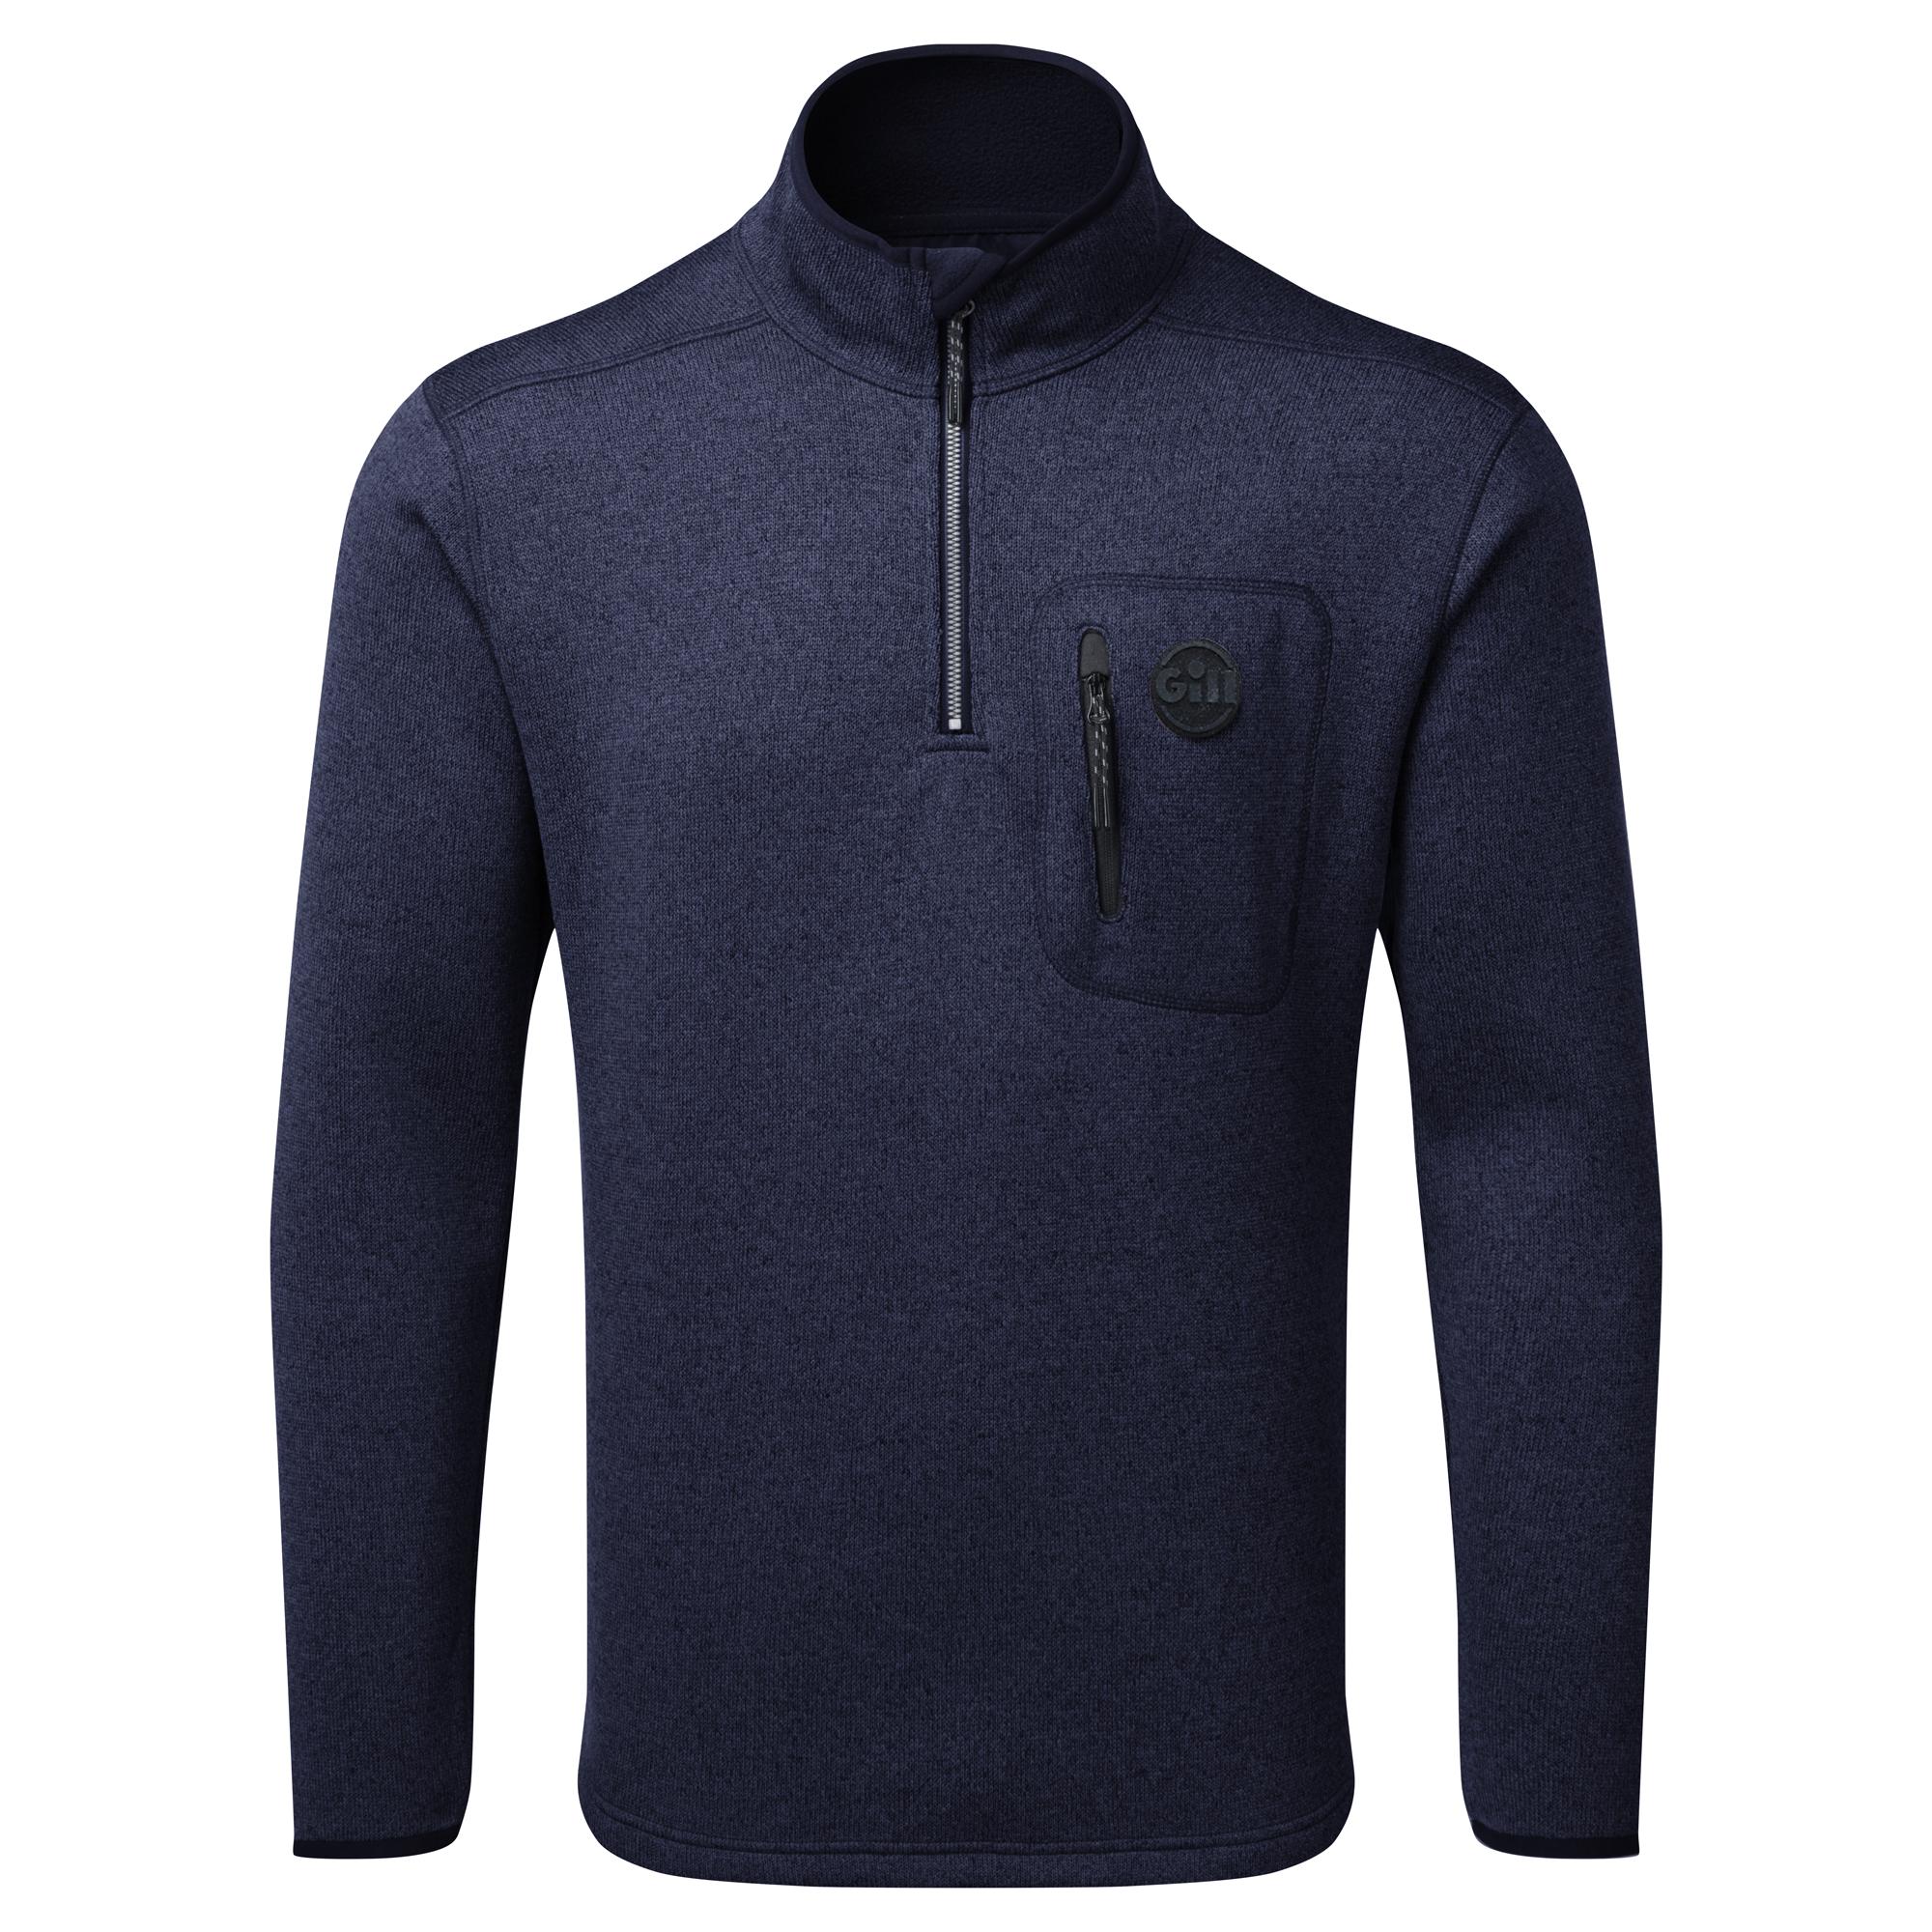 Men's Knit Fleece - 1492-NAV02_1.png